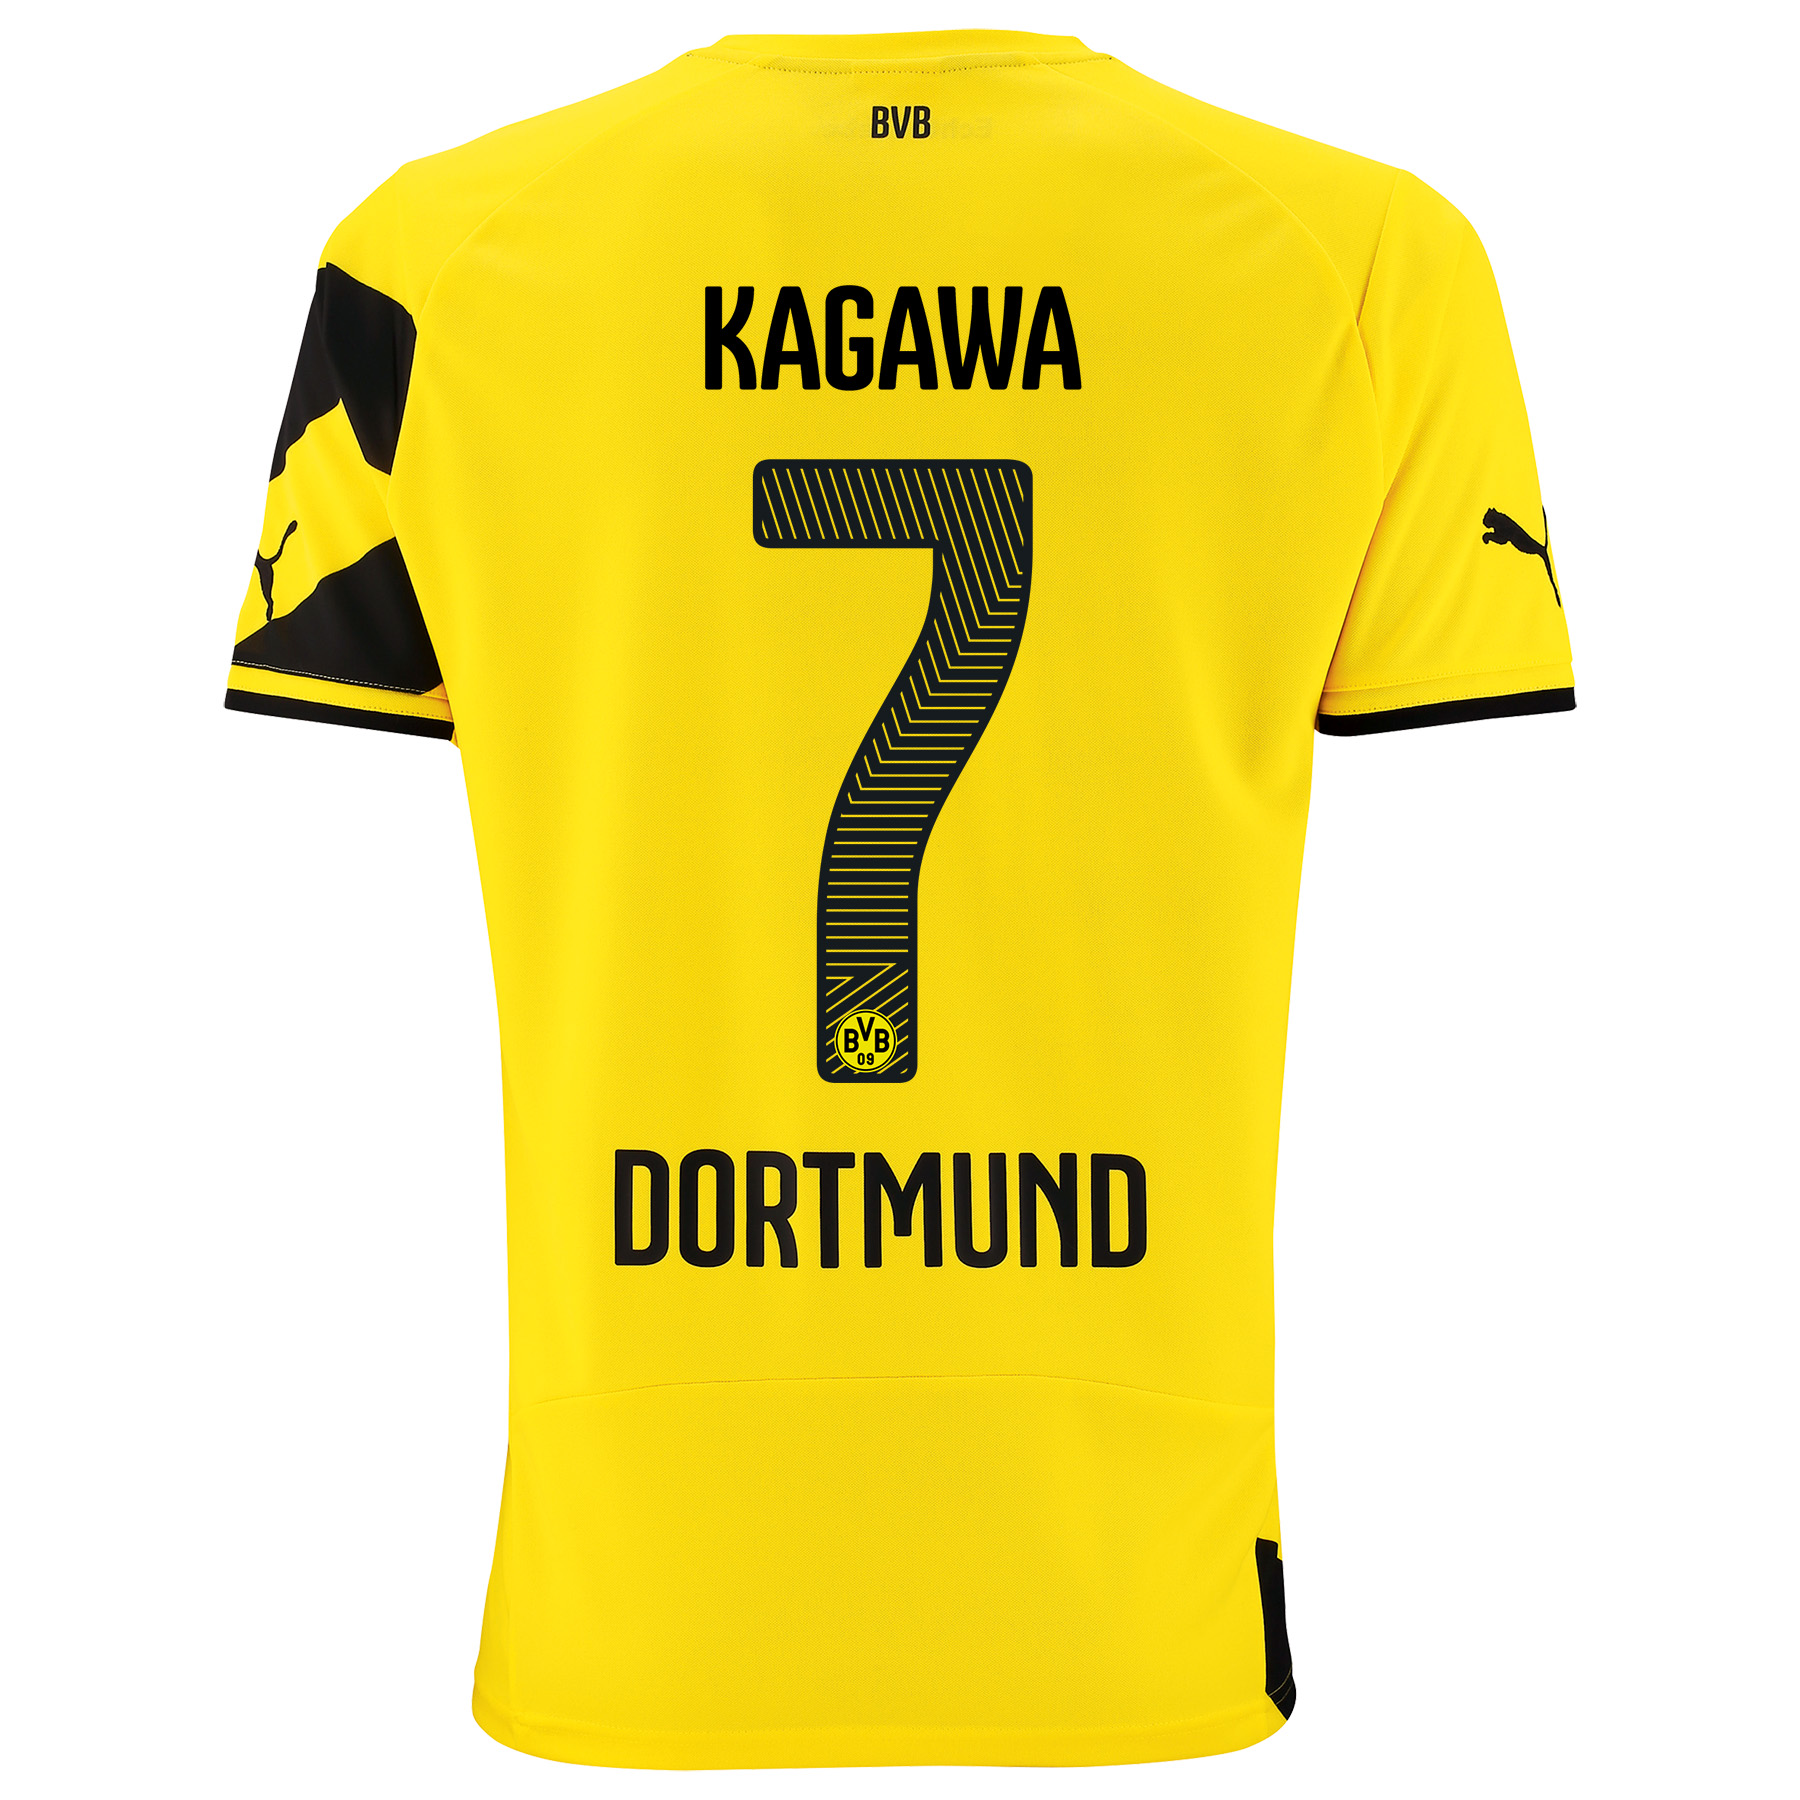 BVB Home Shirt 2014/15 with Kagawa 7 printing